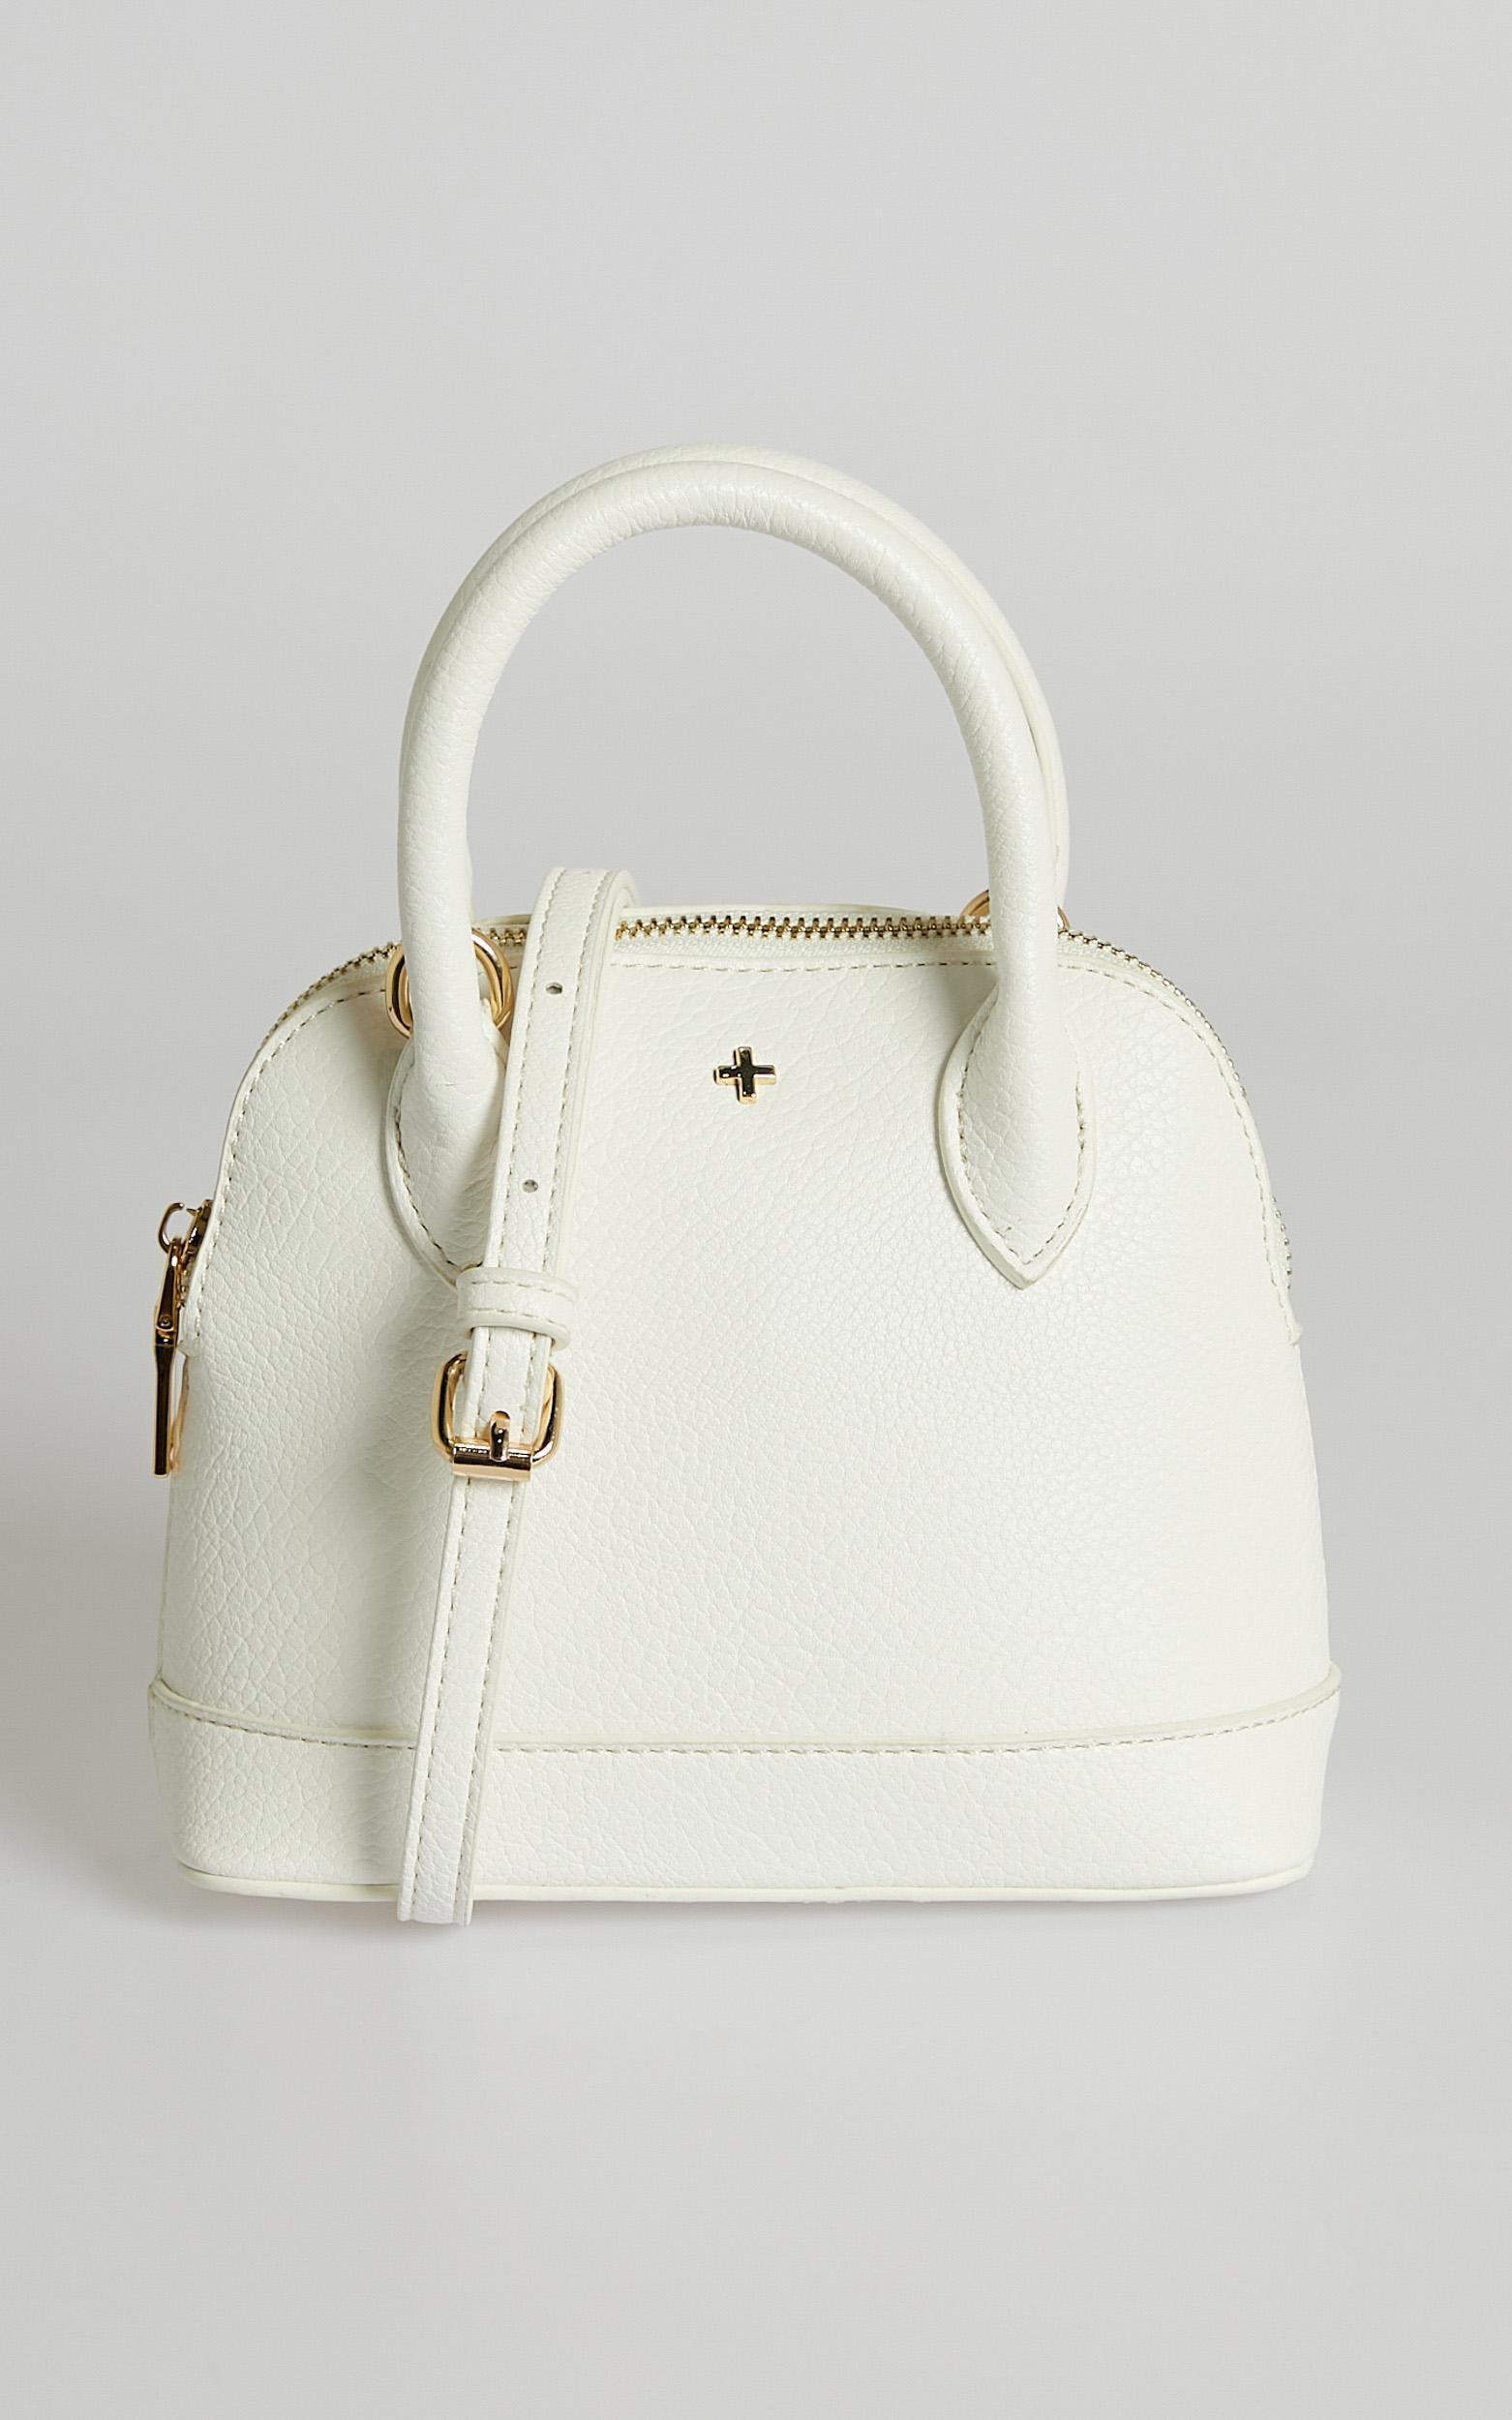 Peta and Jain - Bridget Bag in White, , hi-res image number null